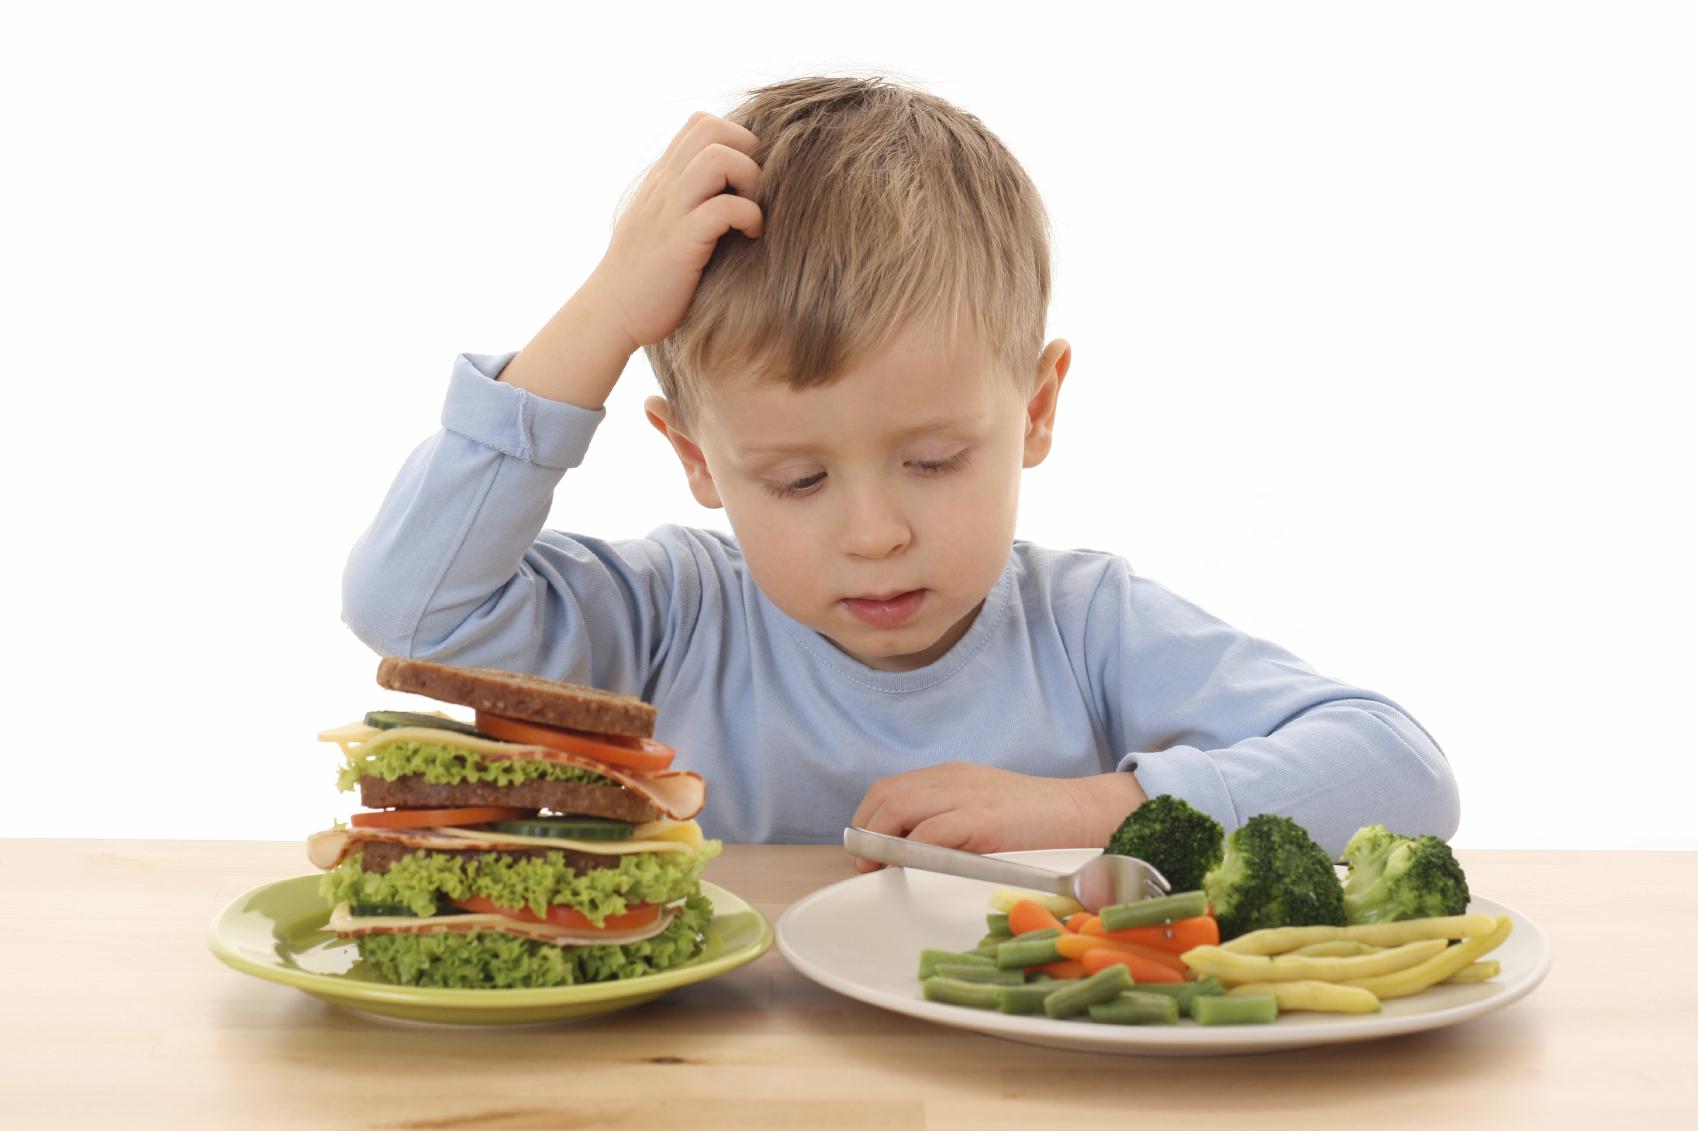 Čo pripraviť deťom na desiatu alebo olovrant?